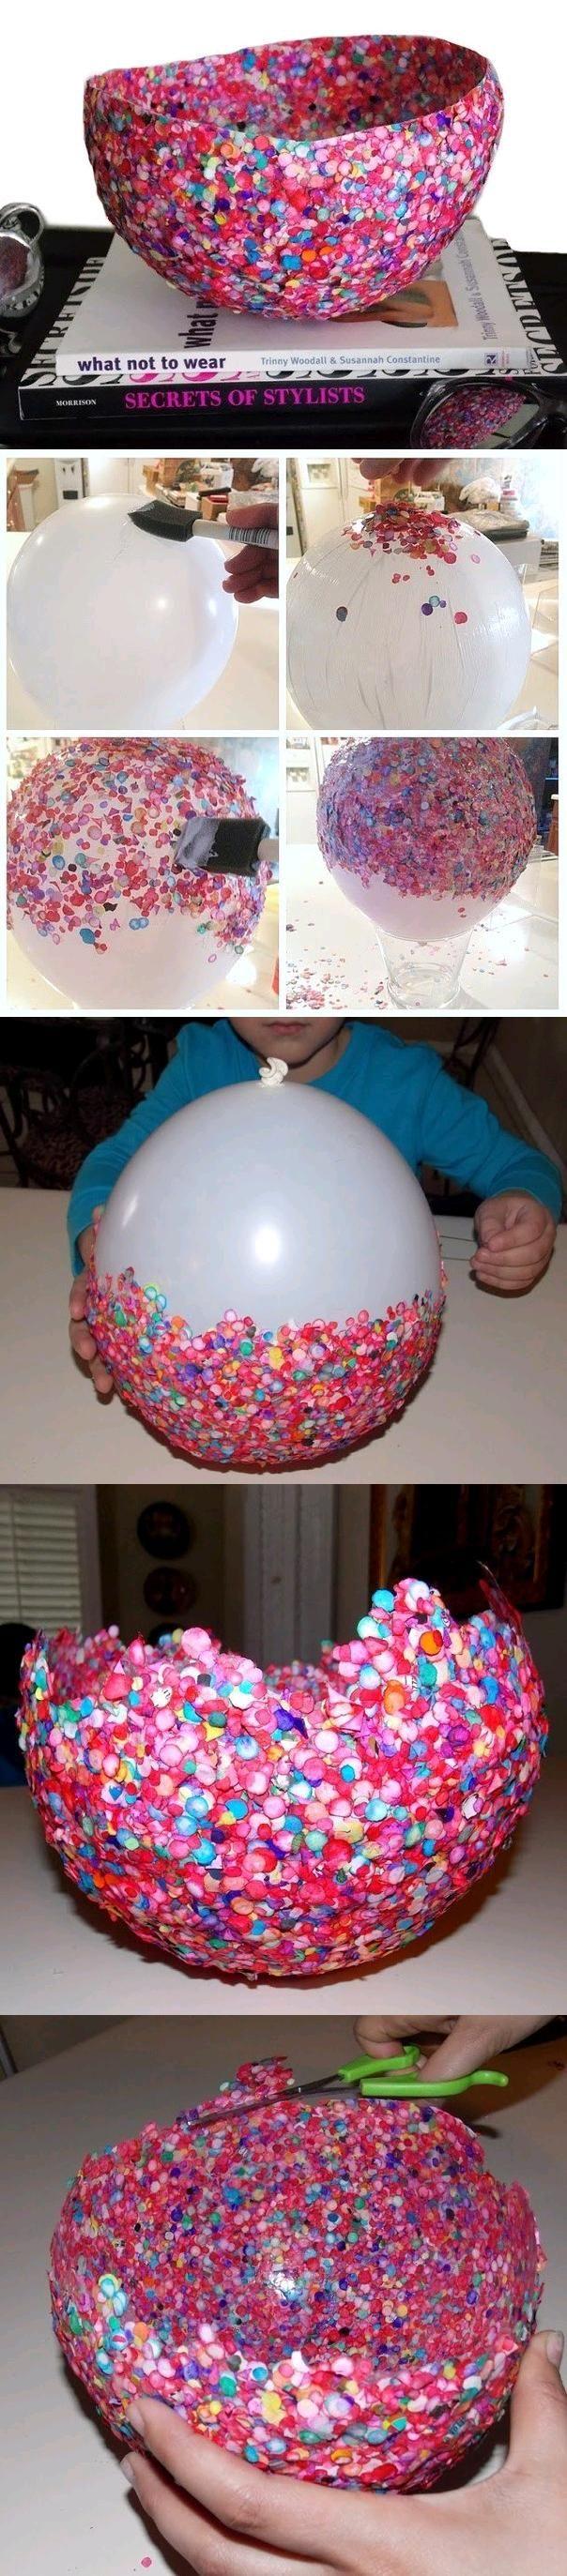 Haz tu propio bowl de confetti